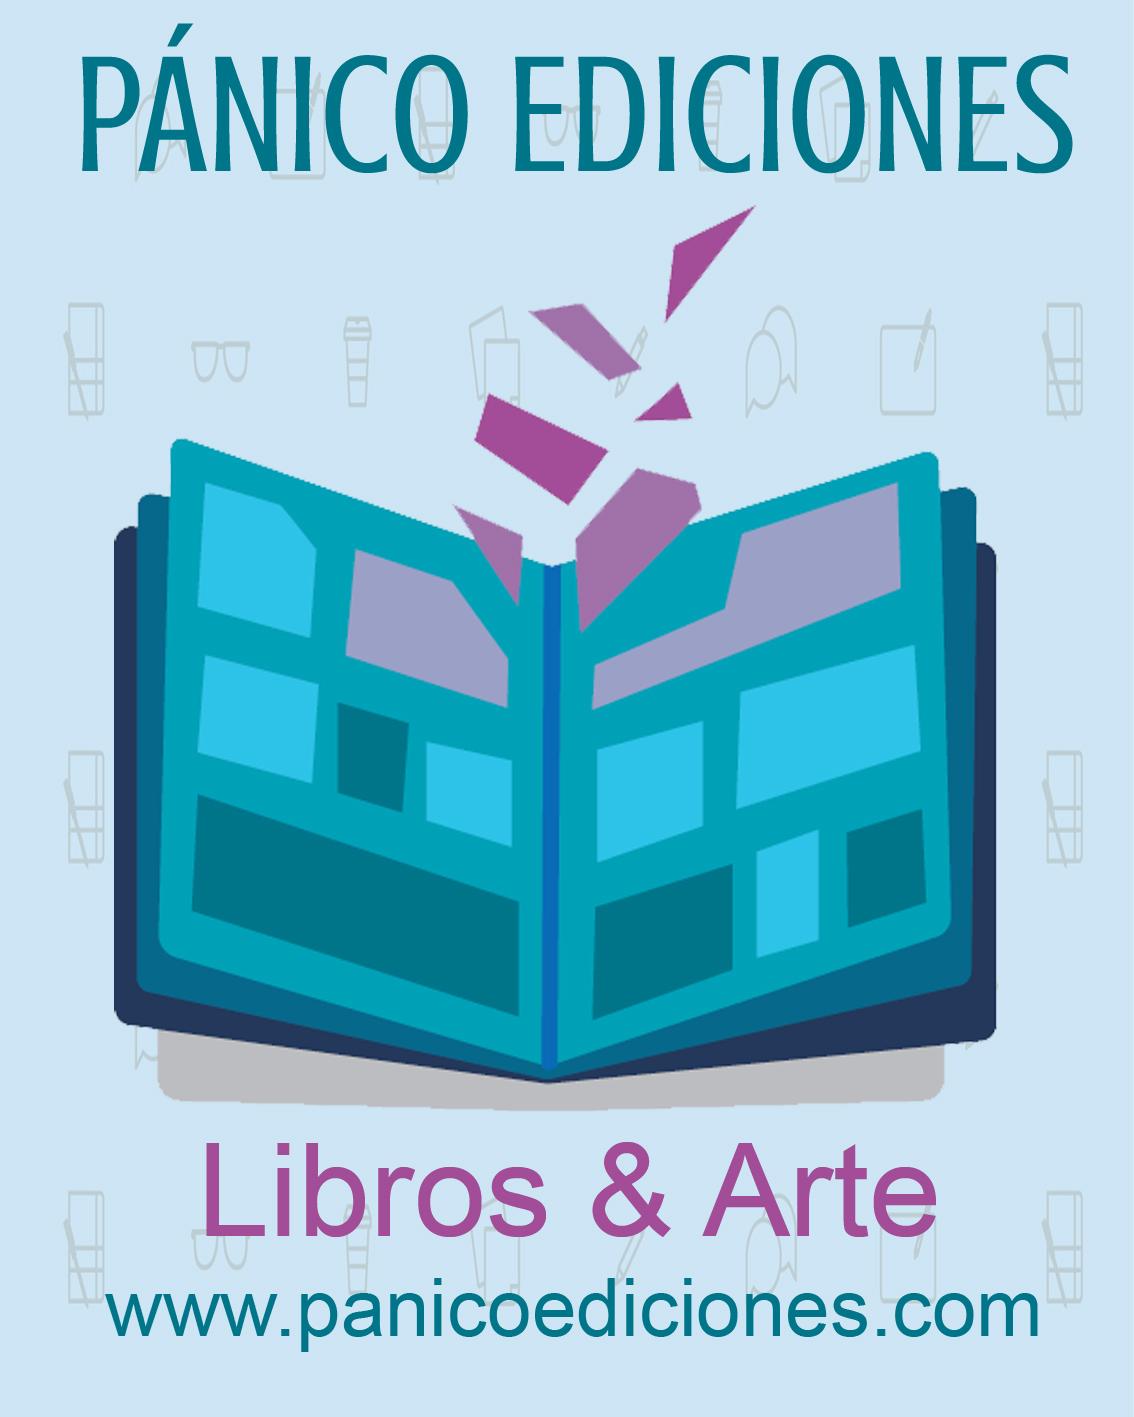 CONOCE NUESTRA LIBRERÌA Y EDITORIAL